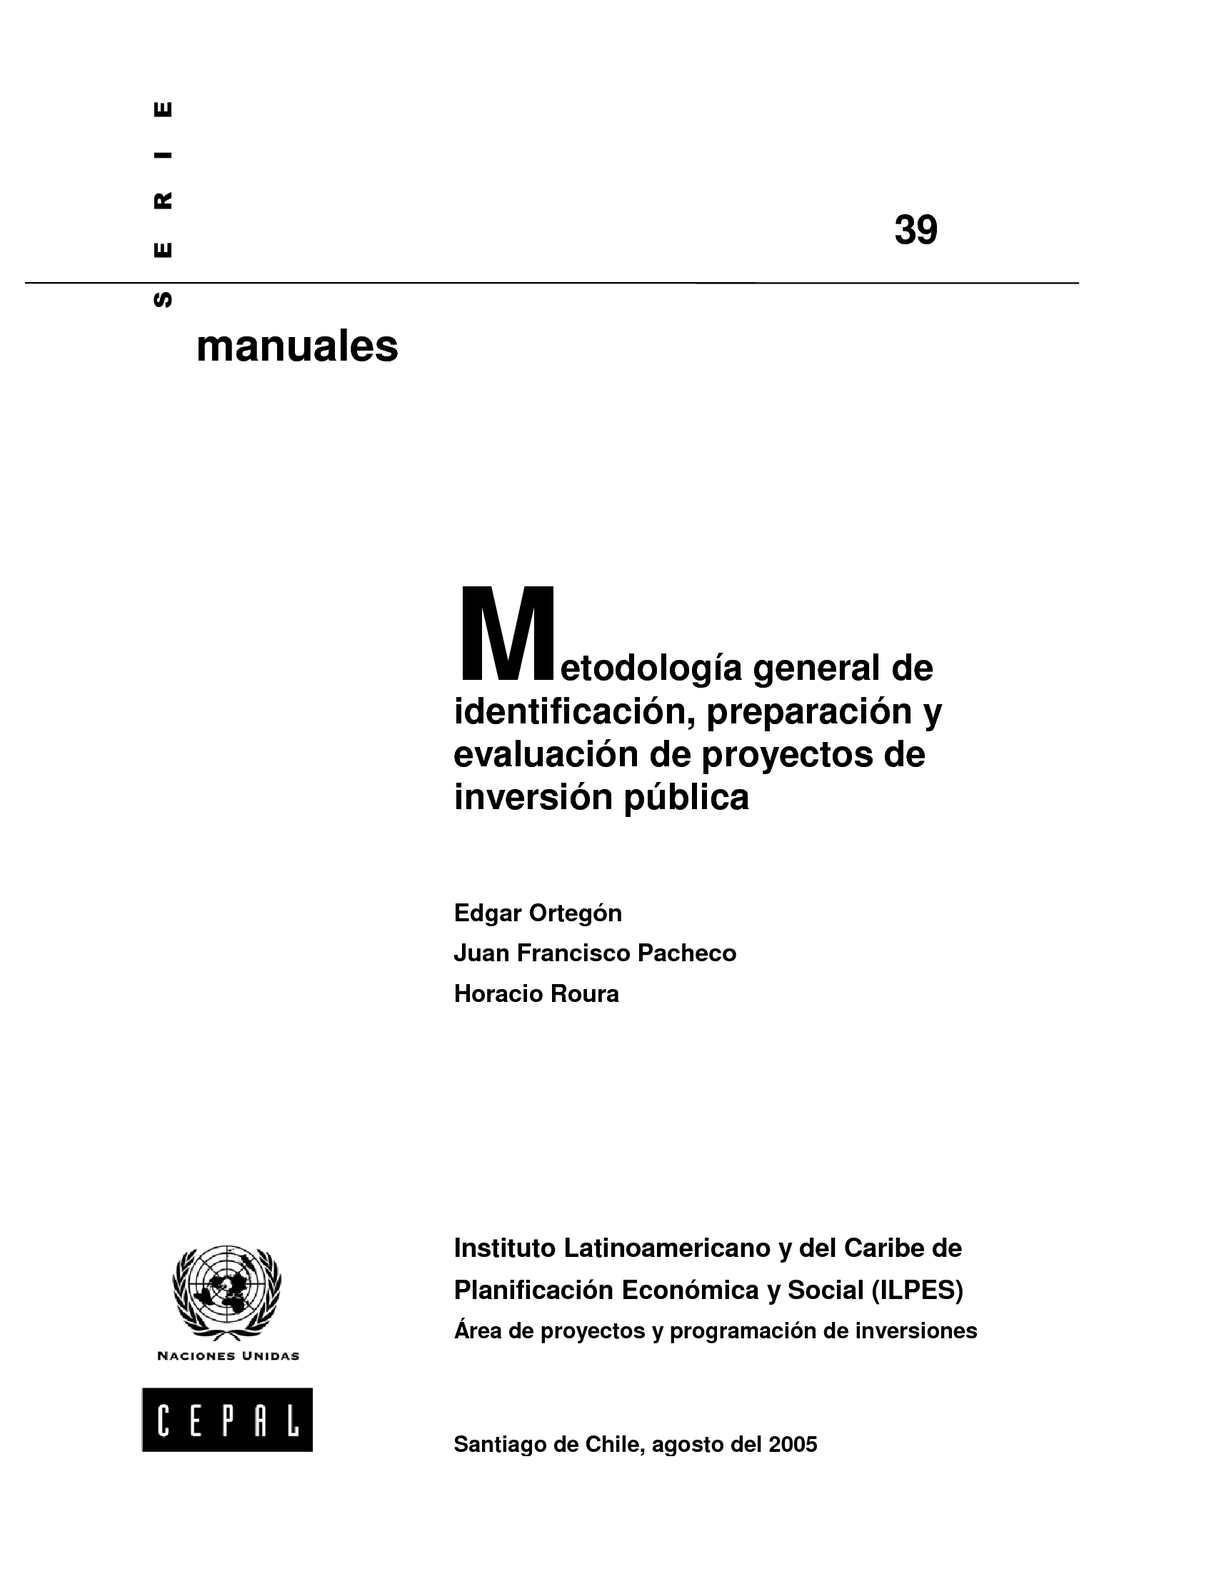 Calaméo Metodología Y IdentificaciónPreparación De General 5L4RAj